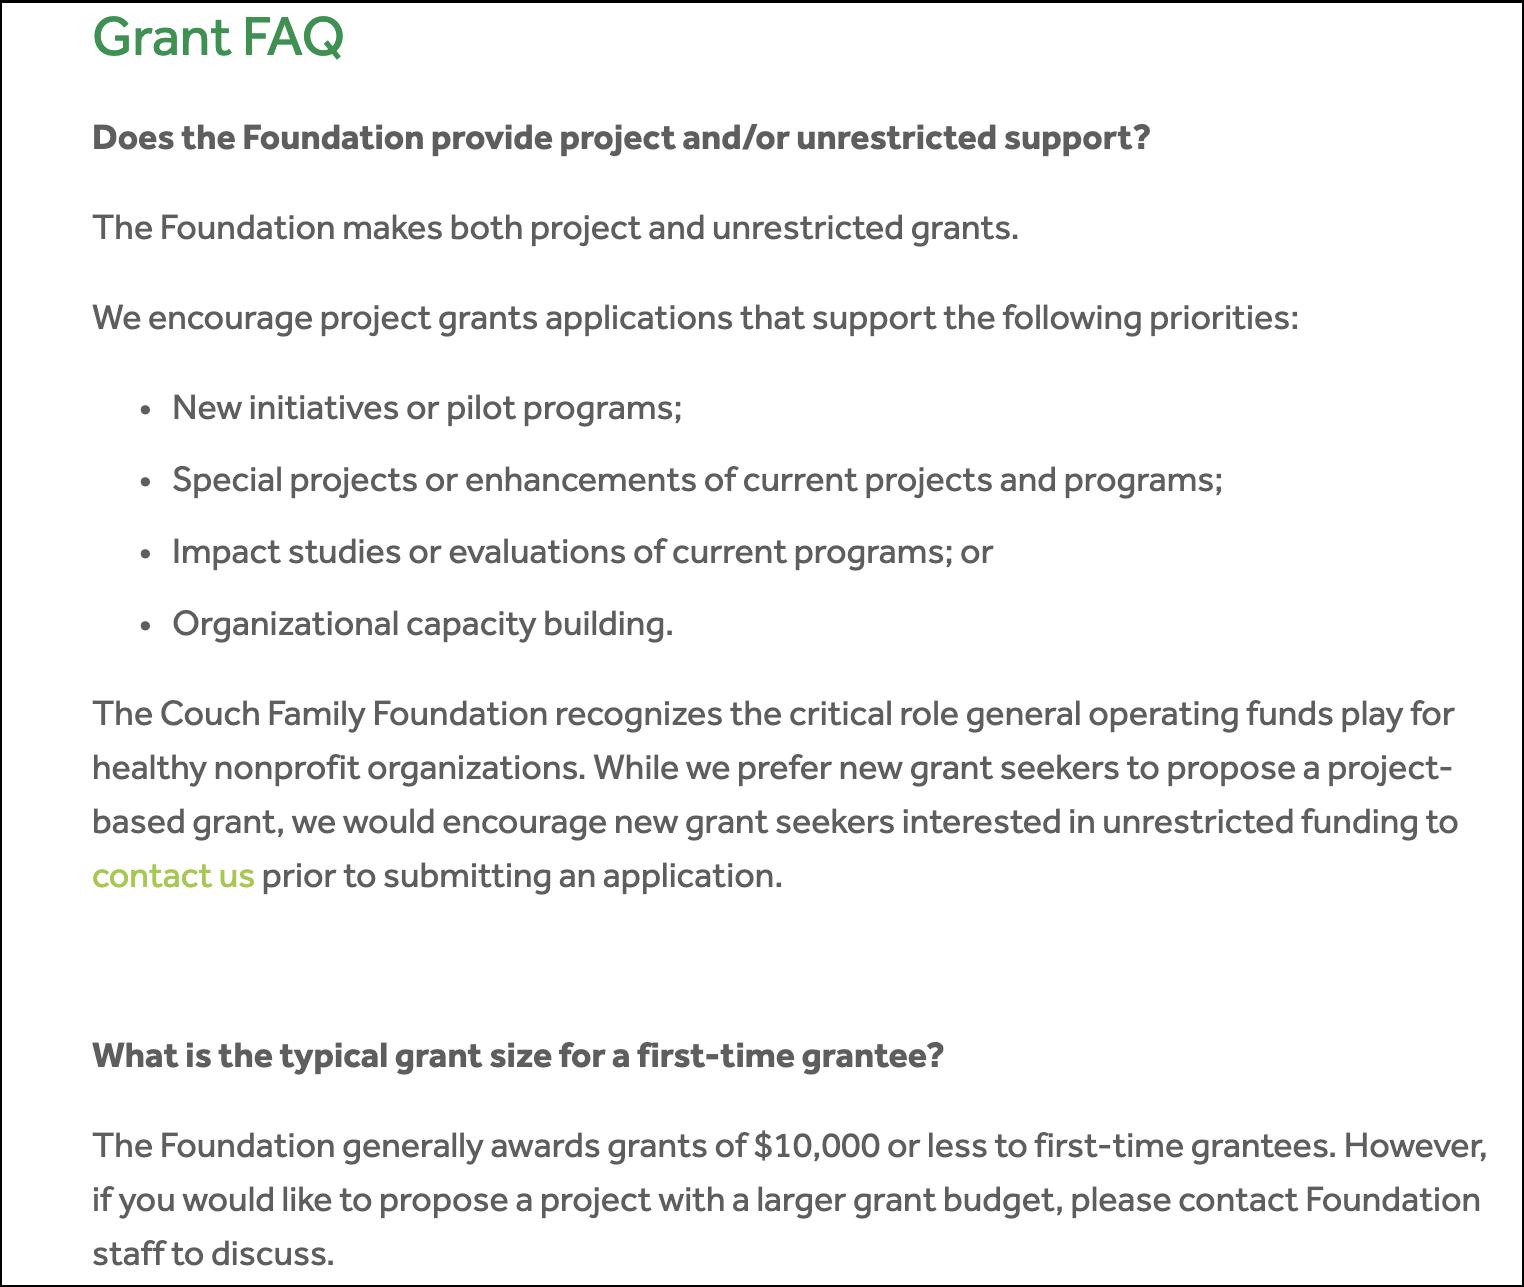 Grant FAQ